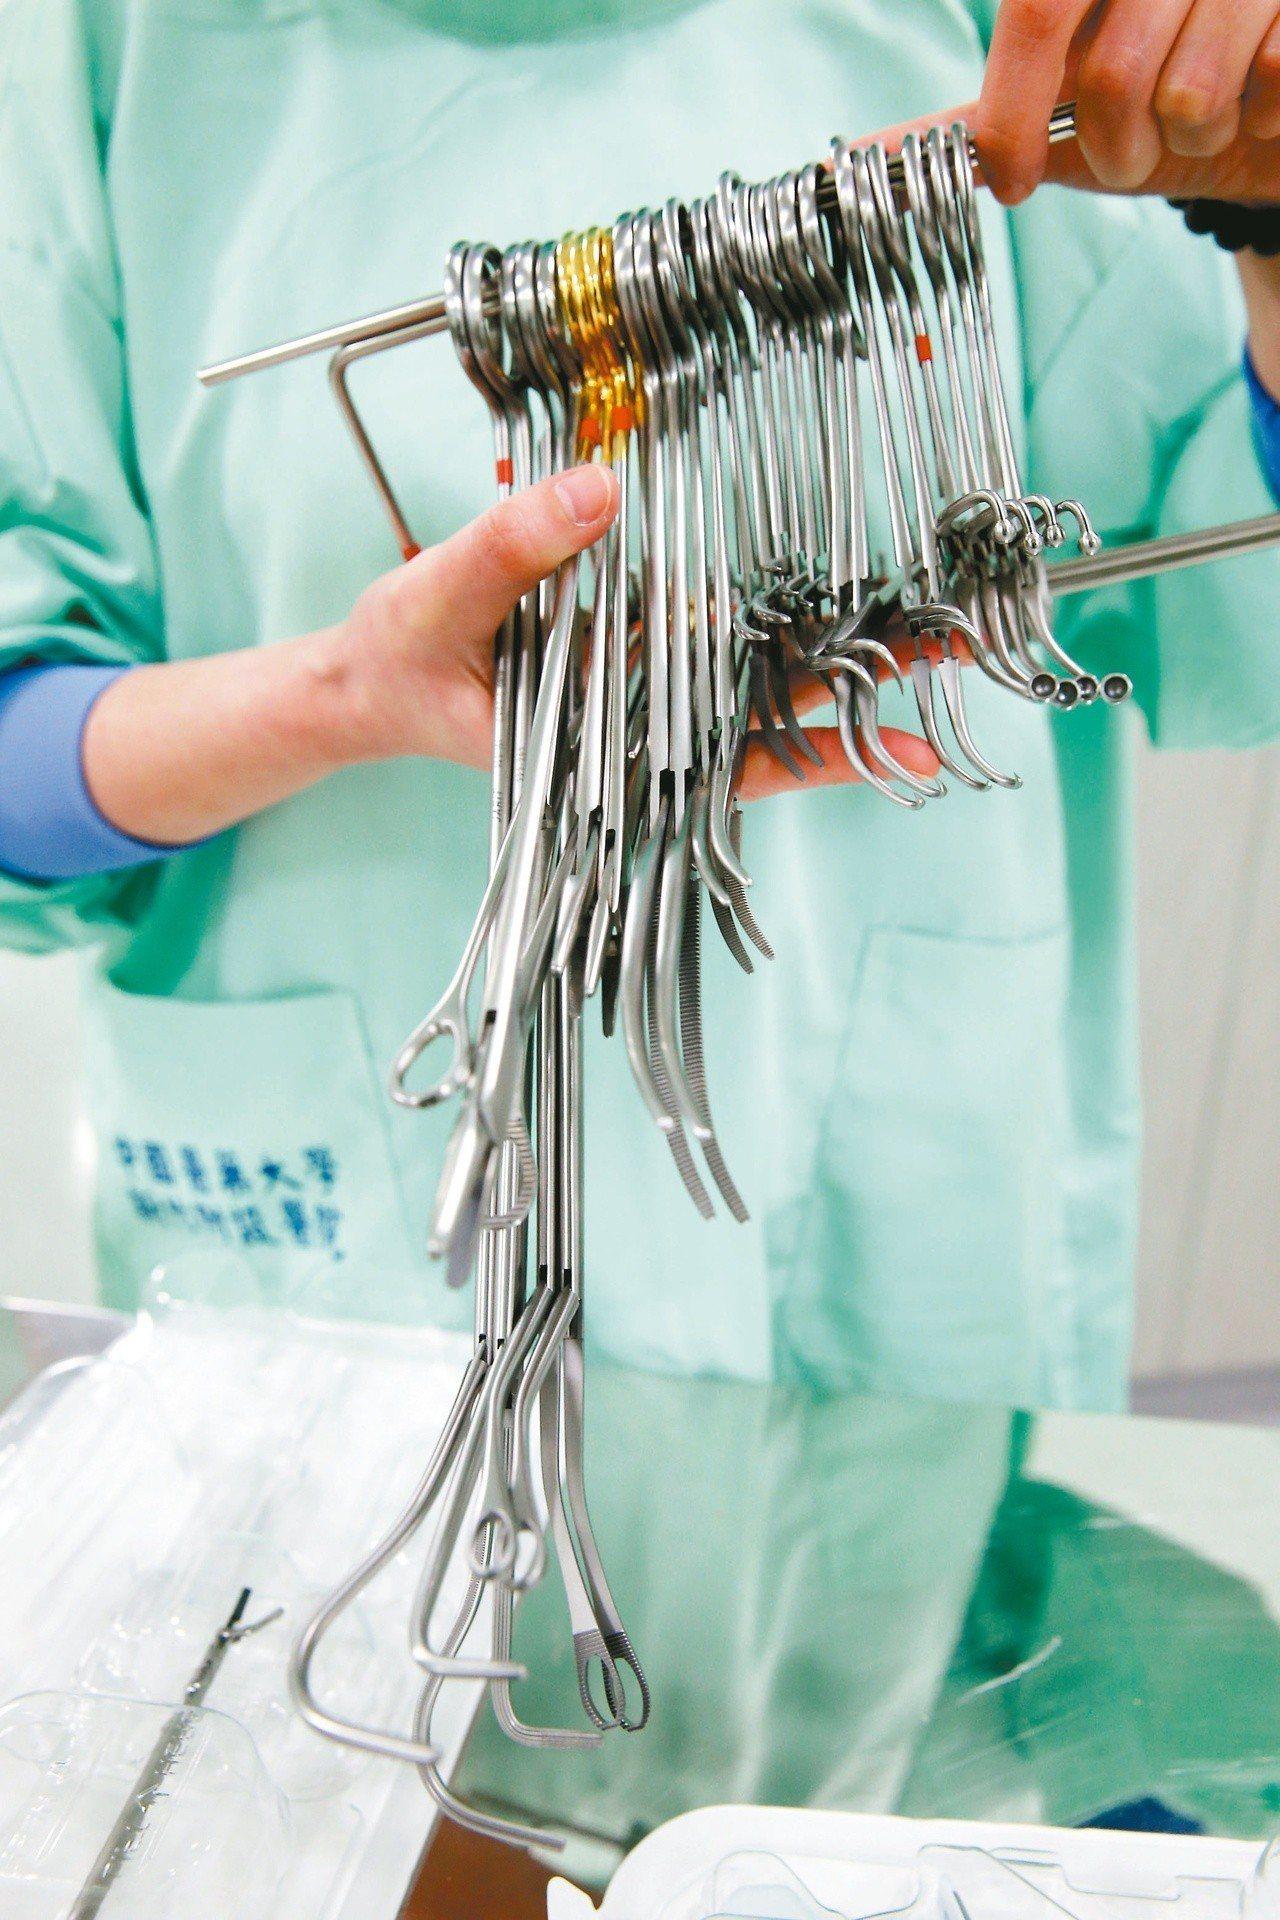 部分醫院私下重複使用一次性手術耗材,病患不知自己所用的手術耗材竟是二手貨。圖為可...